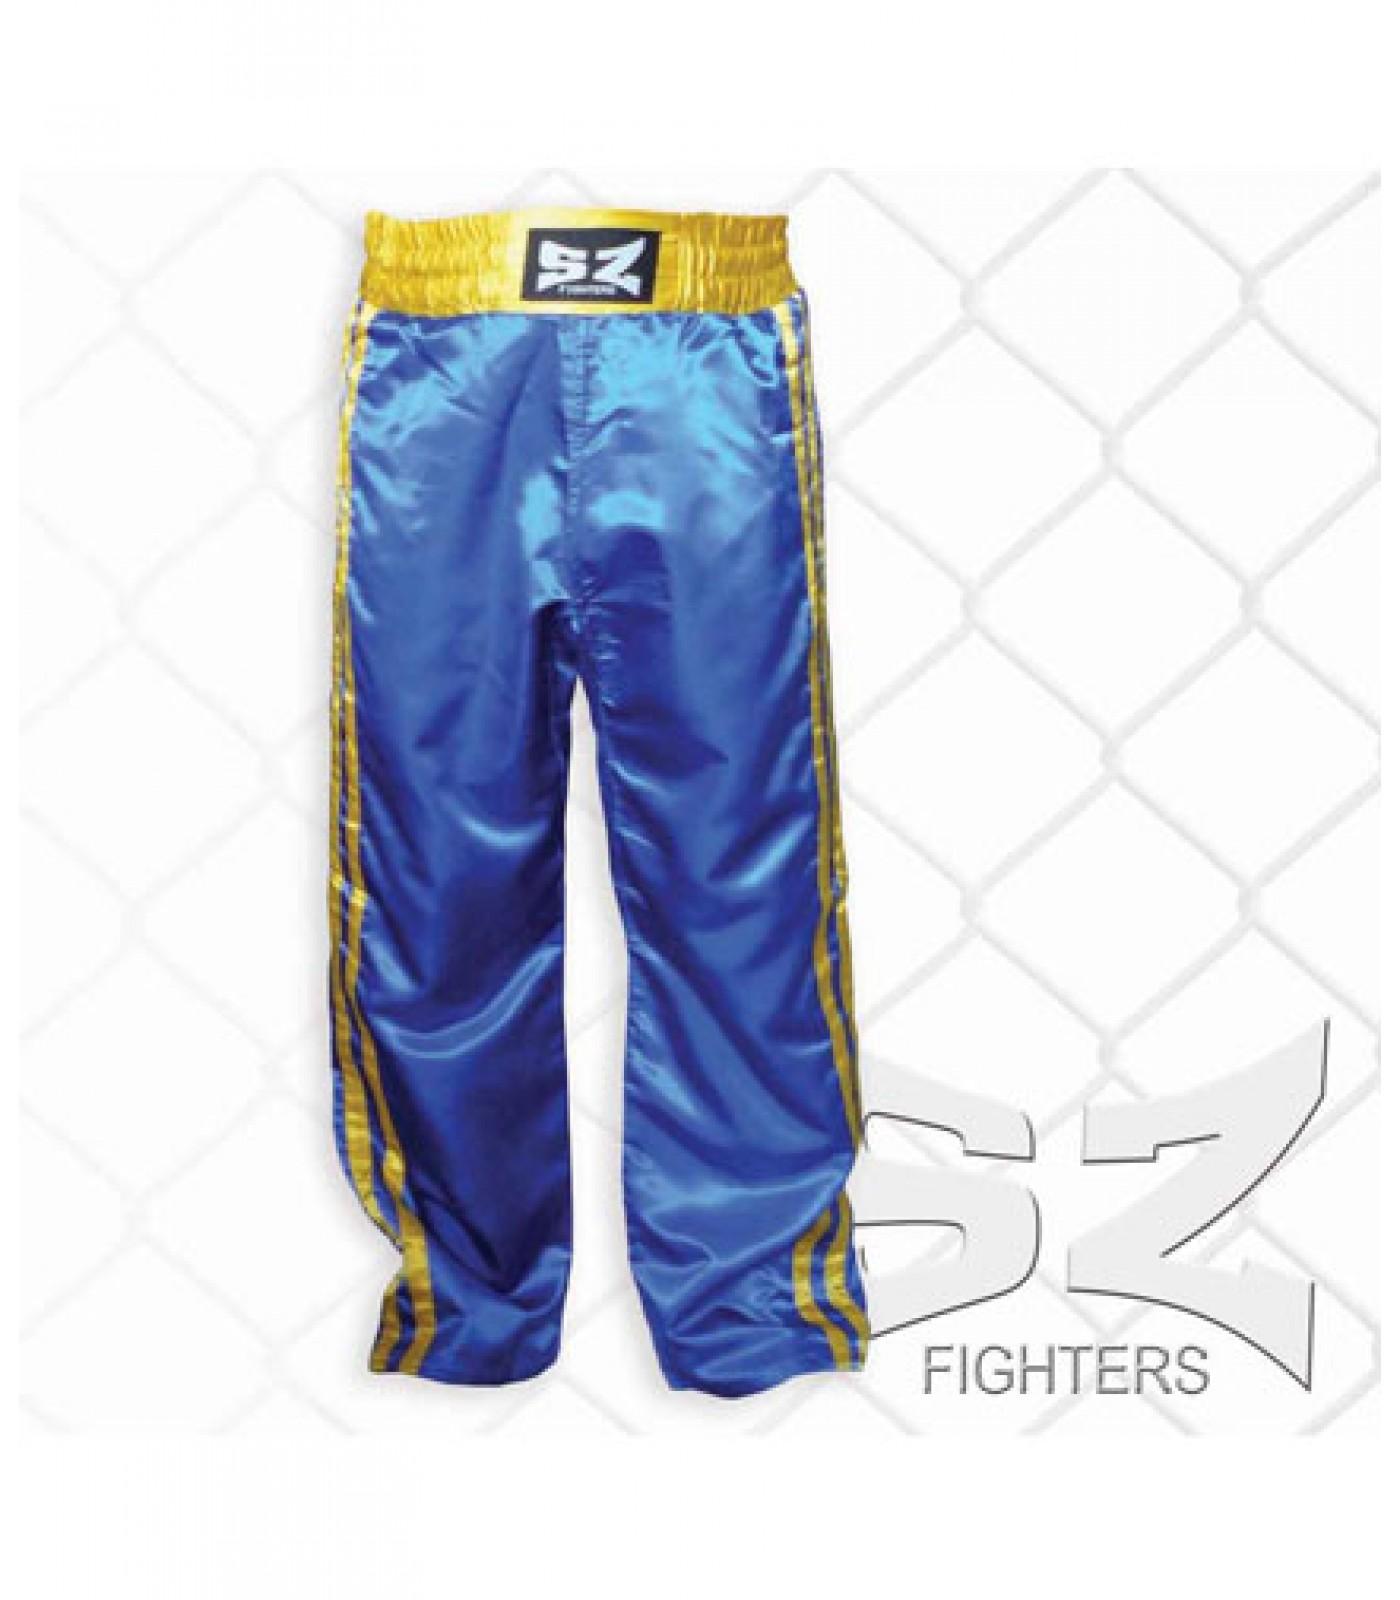 SZ Fighters - Анцунг за Таекуон-до